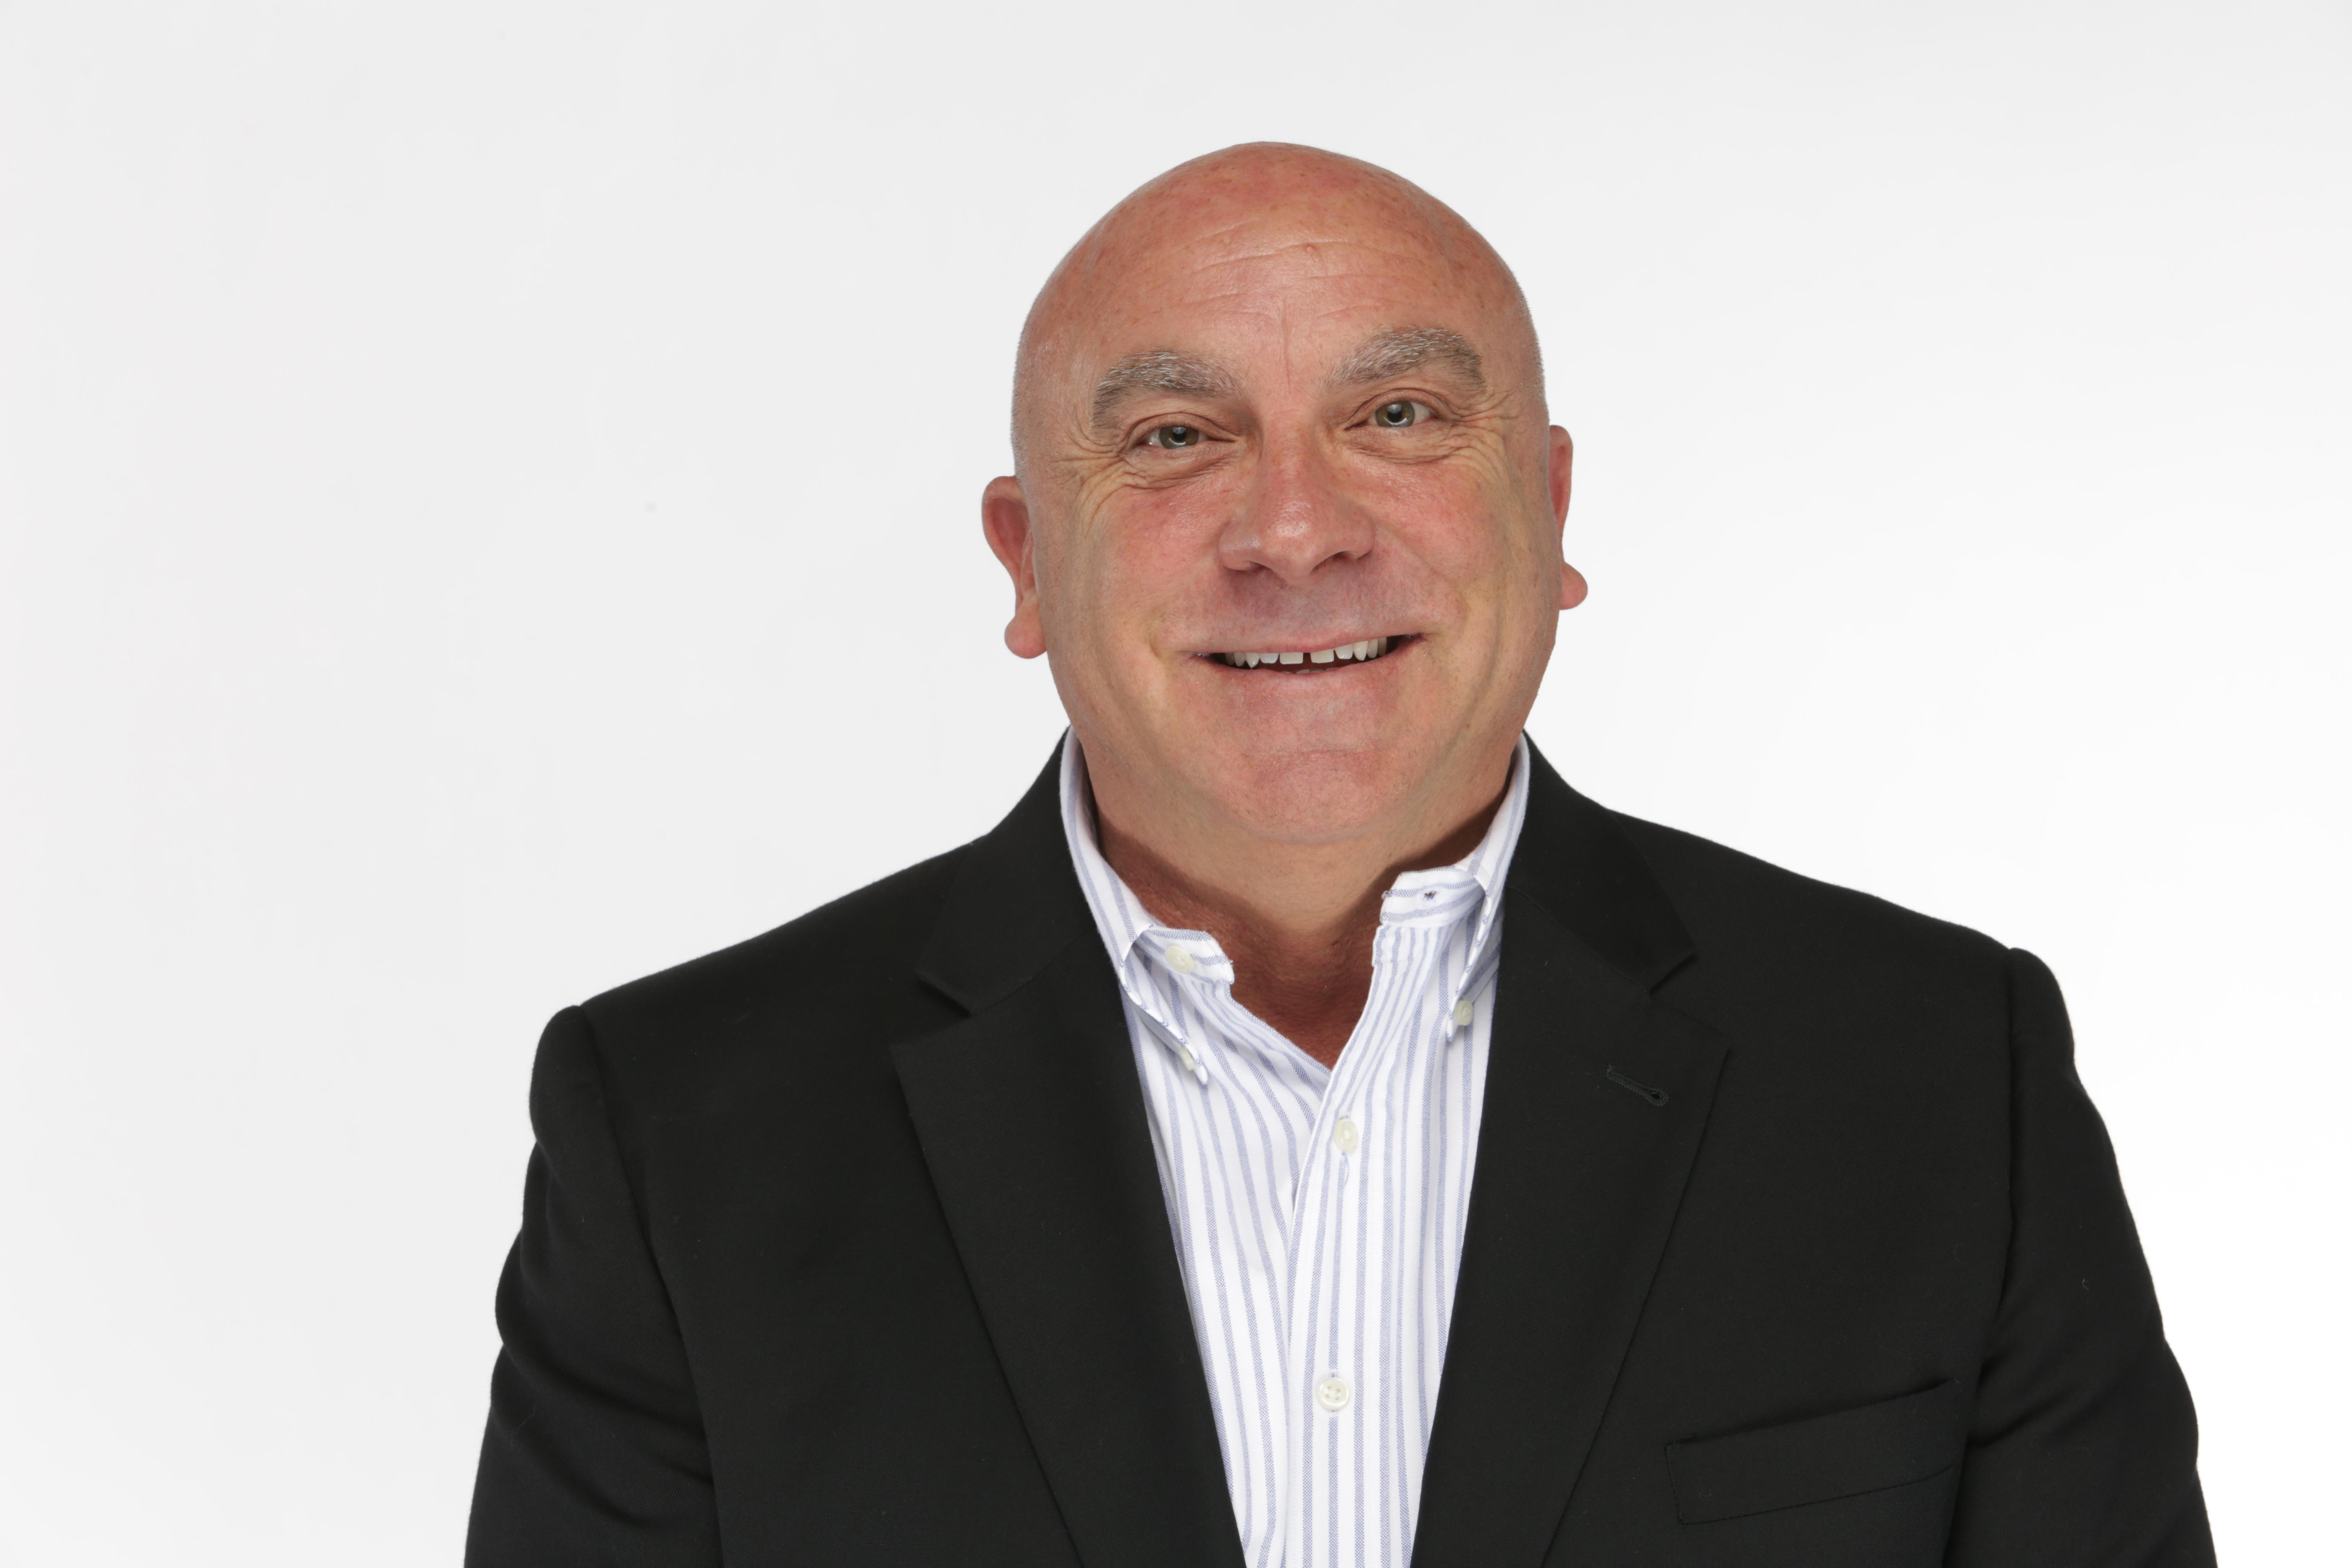 Rick Battaglini